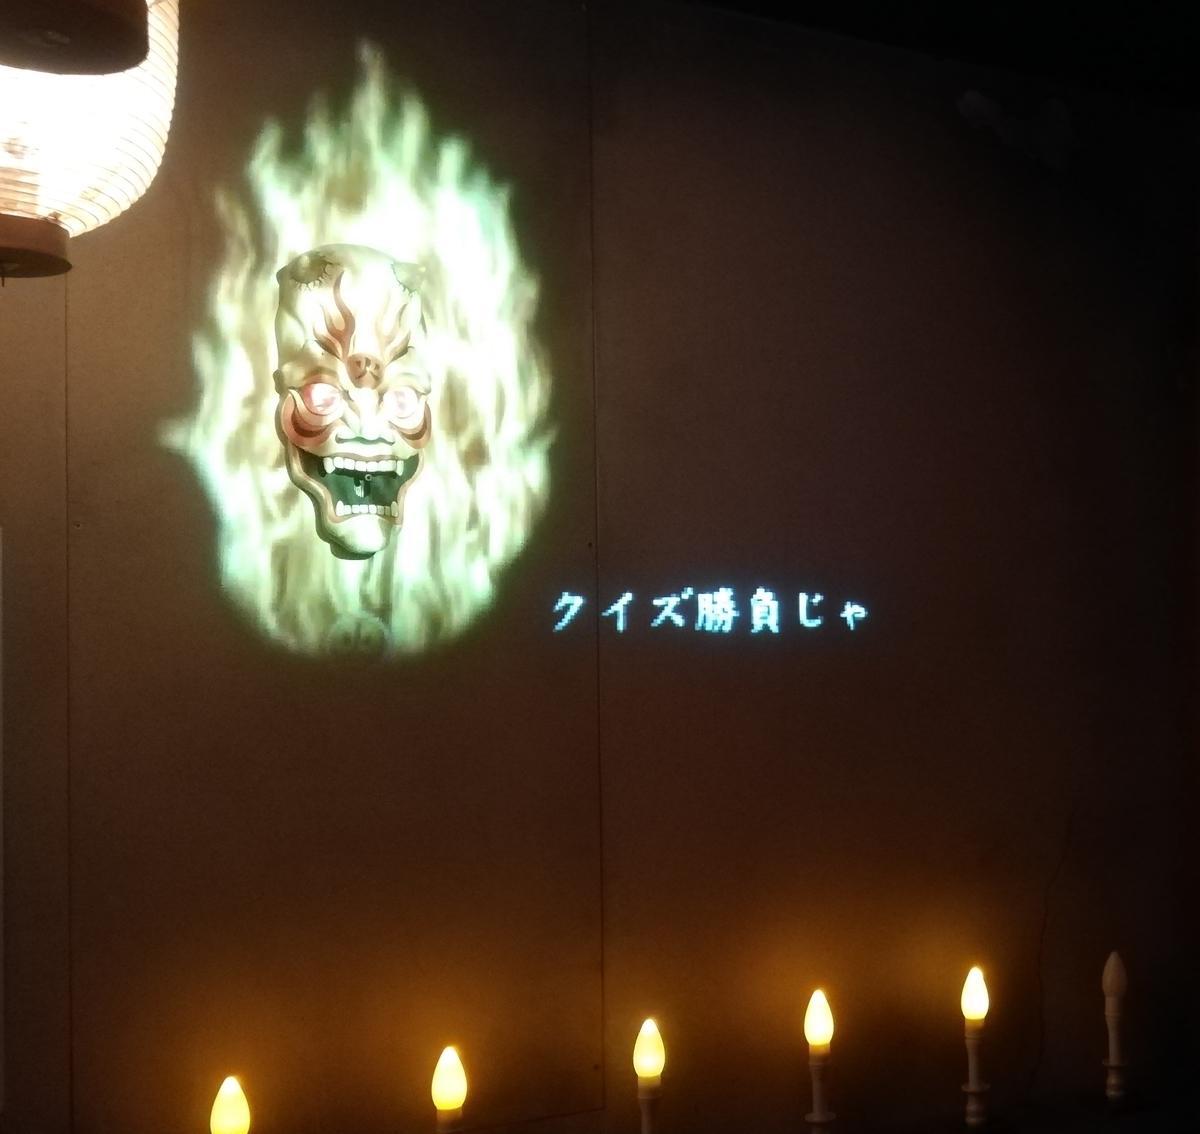 f:id:Tokyo-amuse:20200124190955j:plain